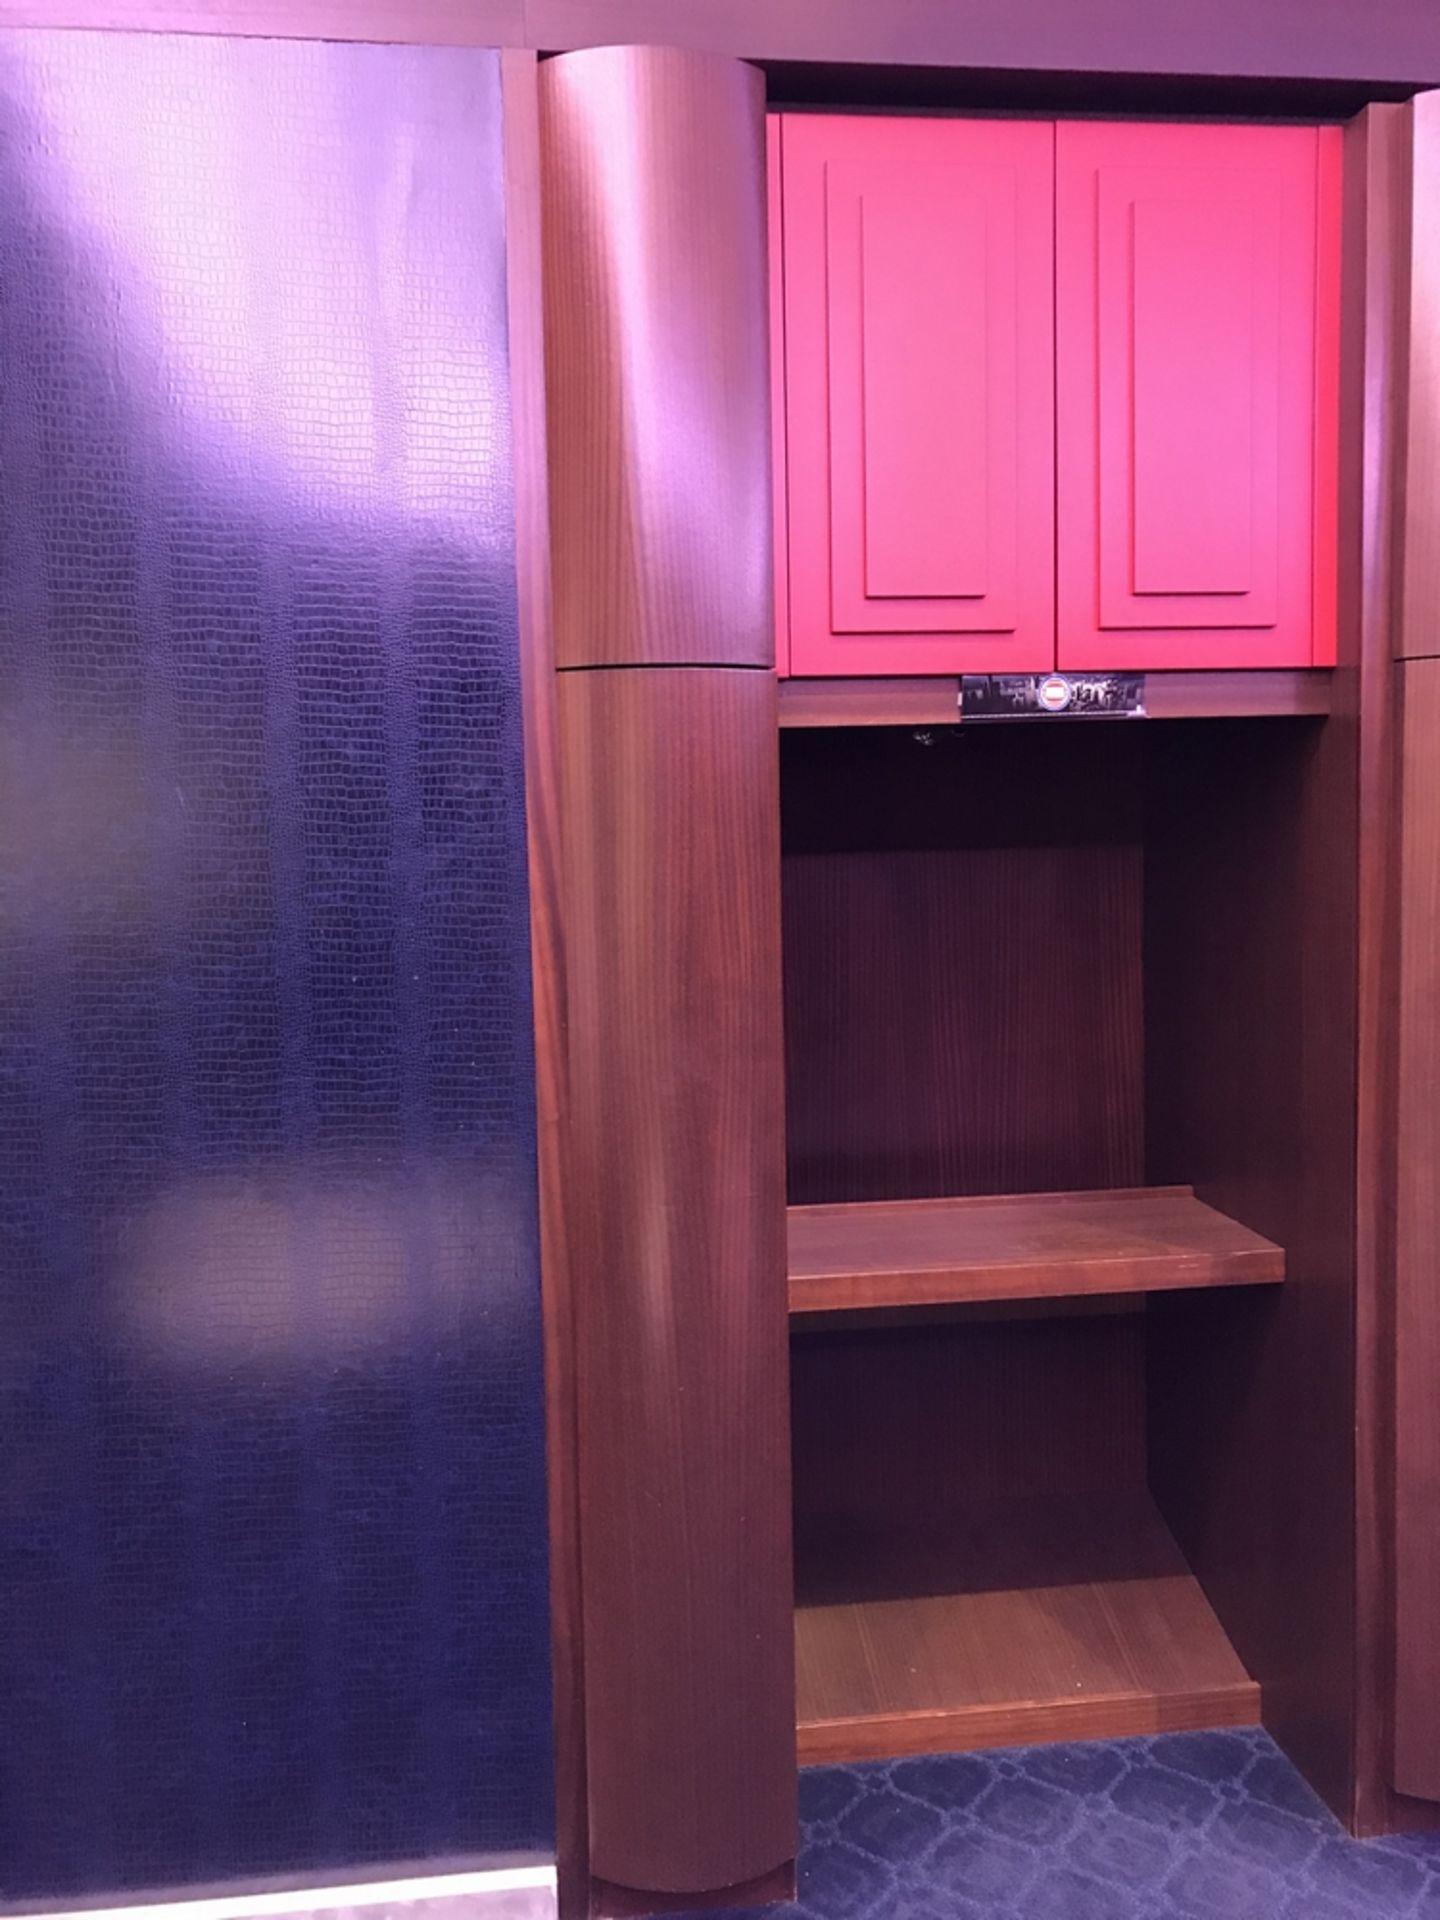 Lot 2 - Piston Player Locker , Dim. 49 in w x 107 in h x 35 in d , Location: Locker Room ***Note from